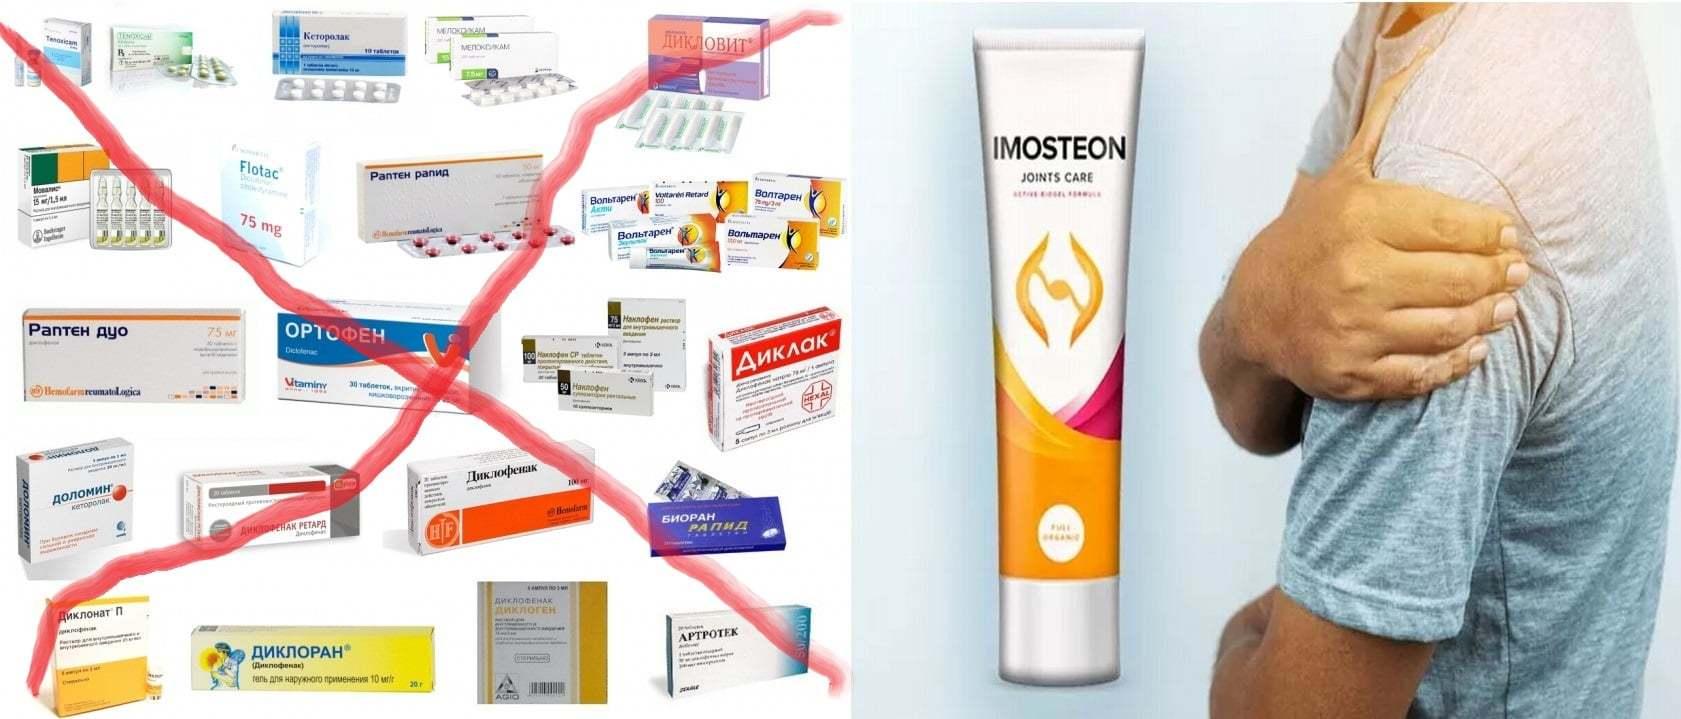 IMMUCYST gyógyszer leírása, hatása, mellékhatásai :: agnisoma.hu